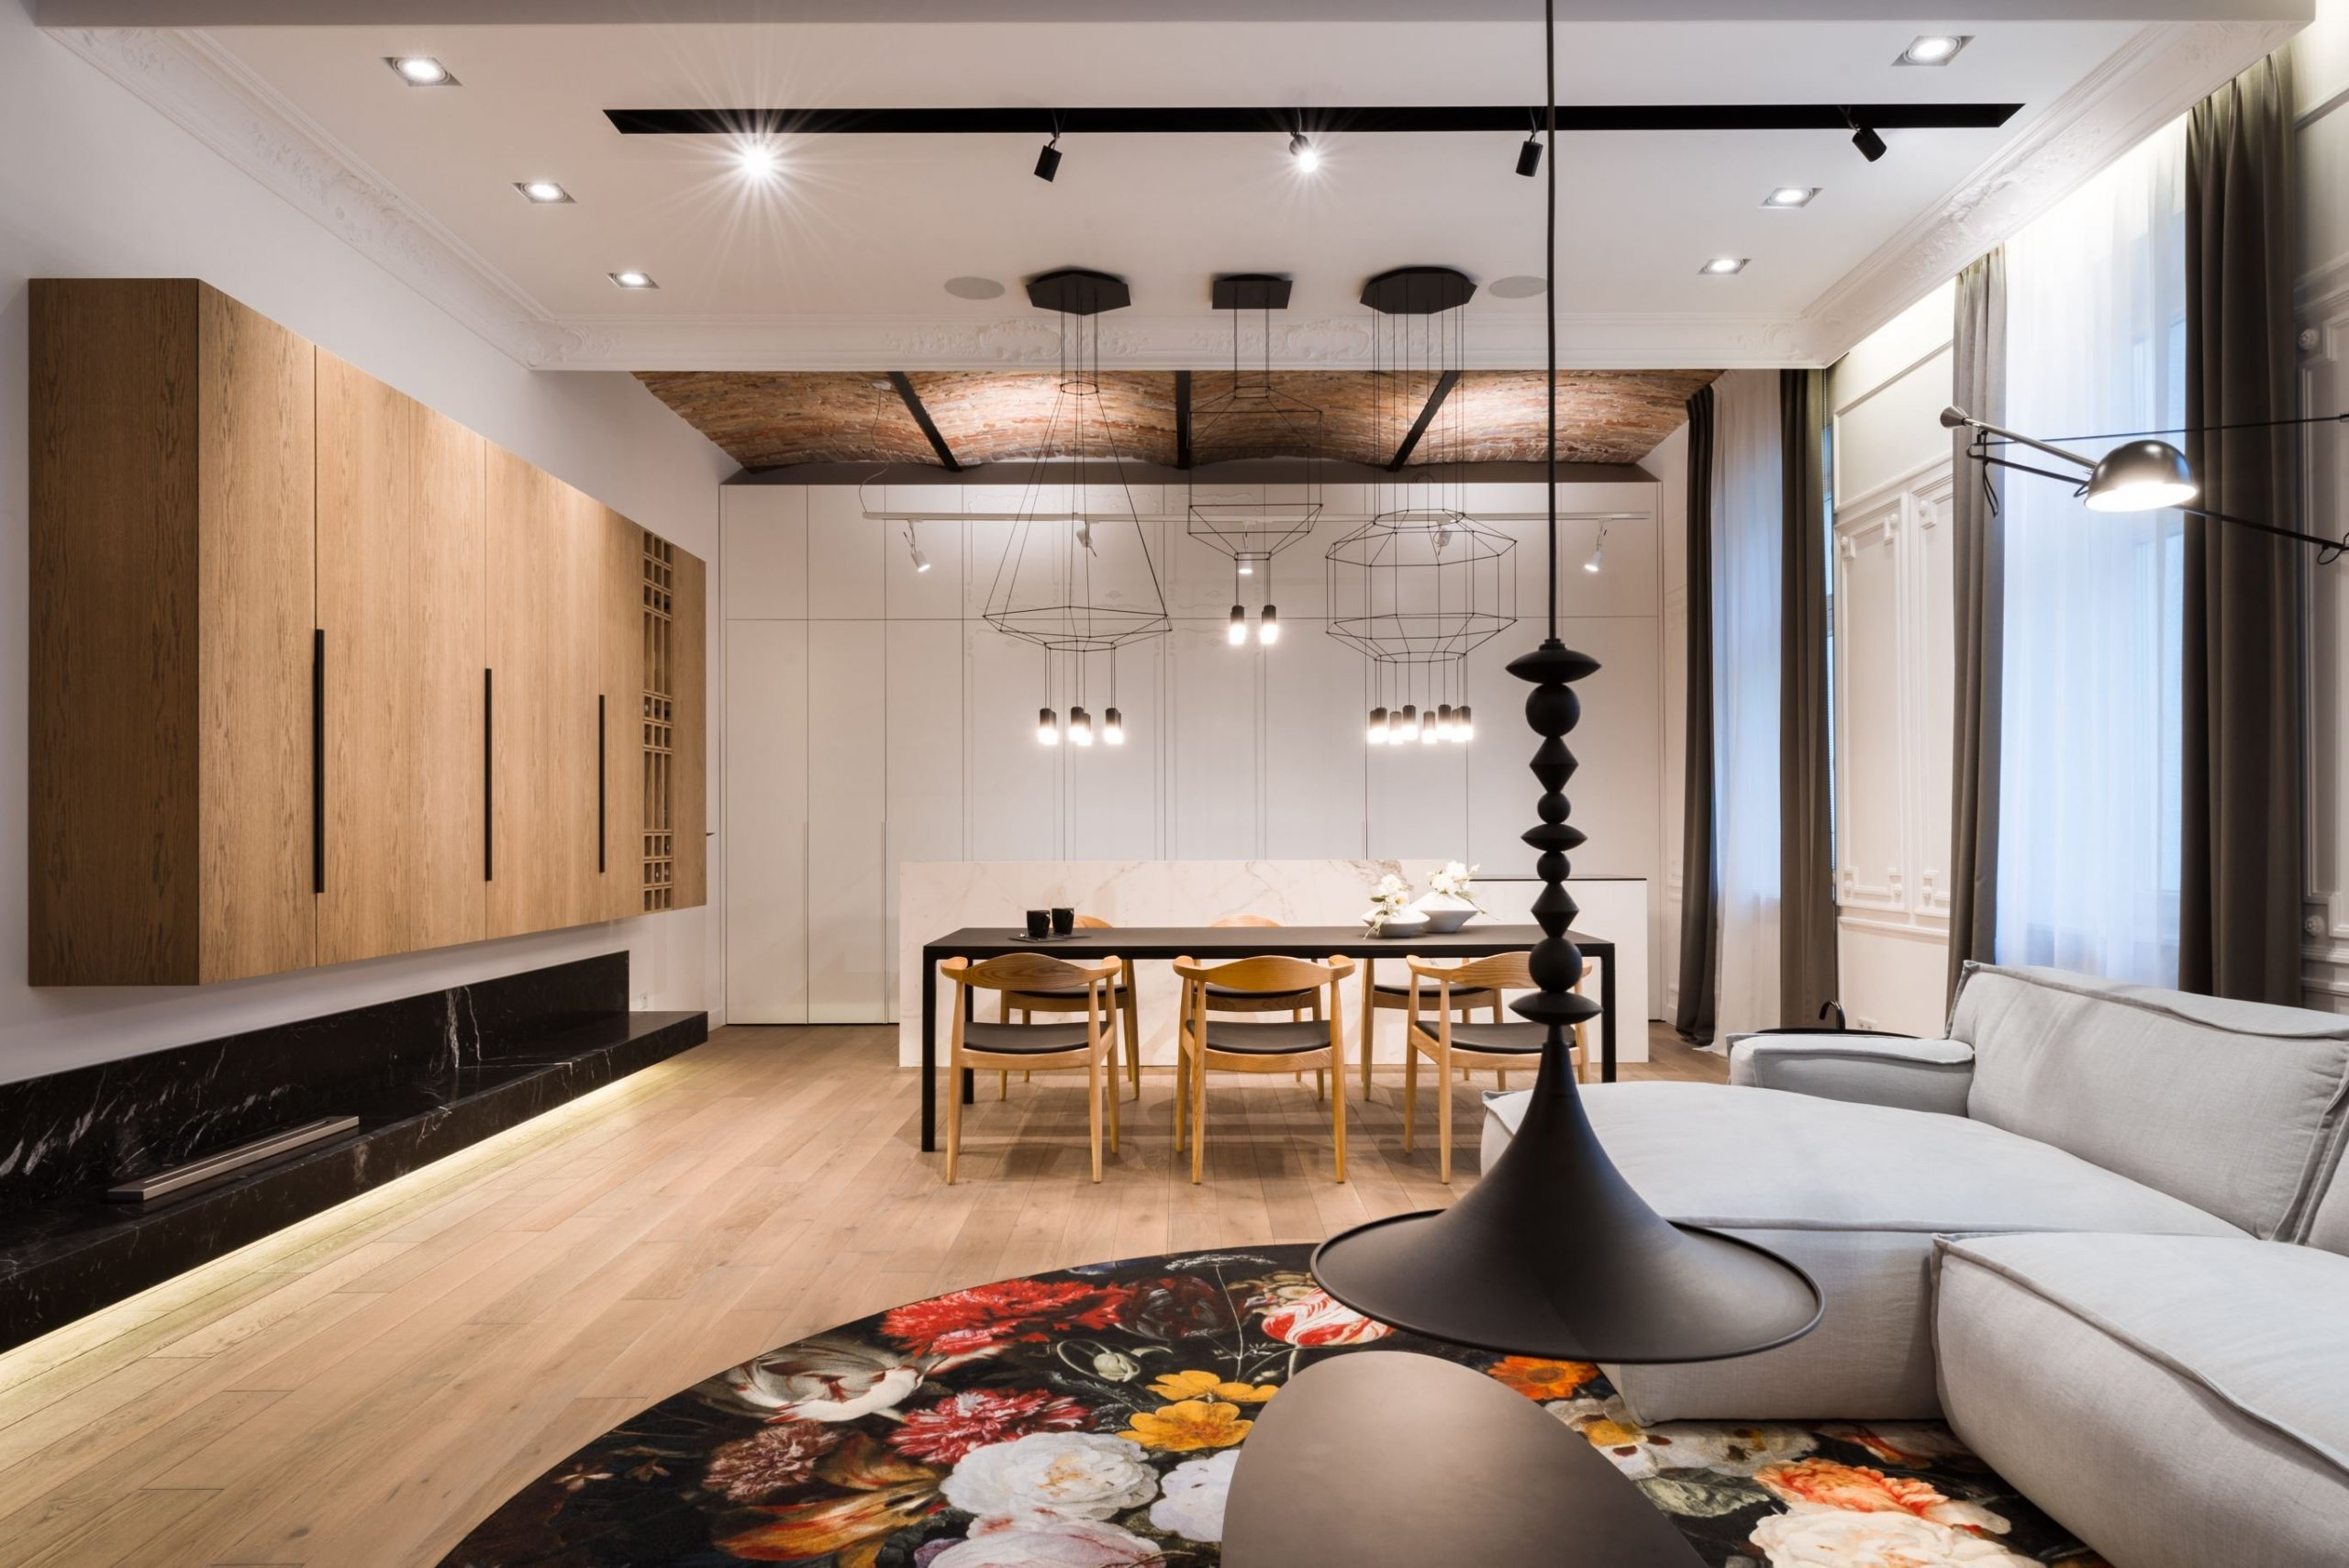 Dnes nahlédneme do bytu v historickém činžovním domě, který se stal pro architekty opravdovou výzvou. Ve velkorysém prostoru tak zde vzniklo vcelku extravagantní bydlení s vysokými stropy, velkým přísunem denního světla a opravdu inovativním a velmi odvážným designem.